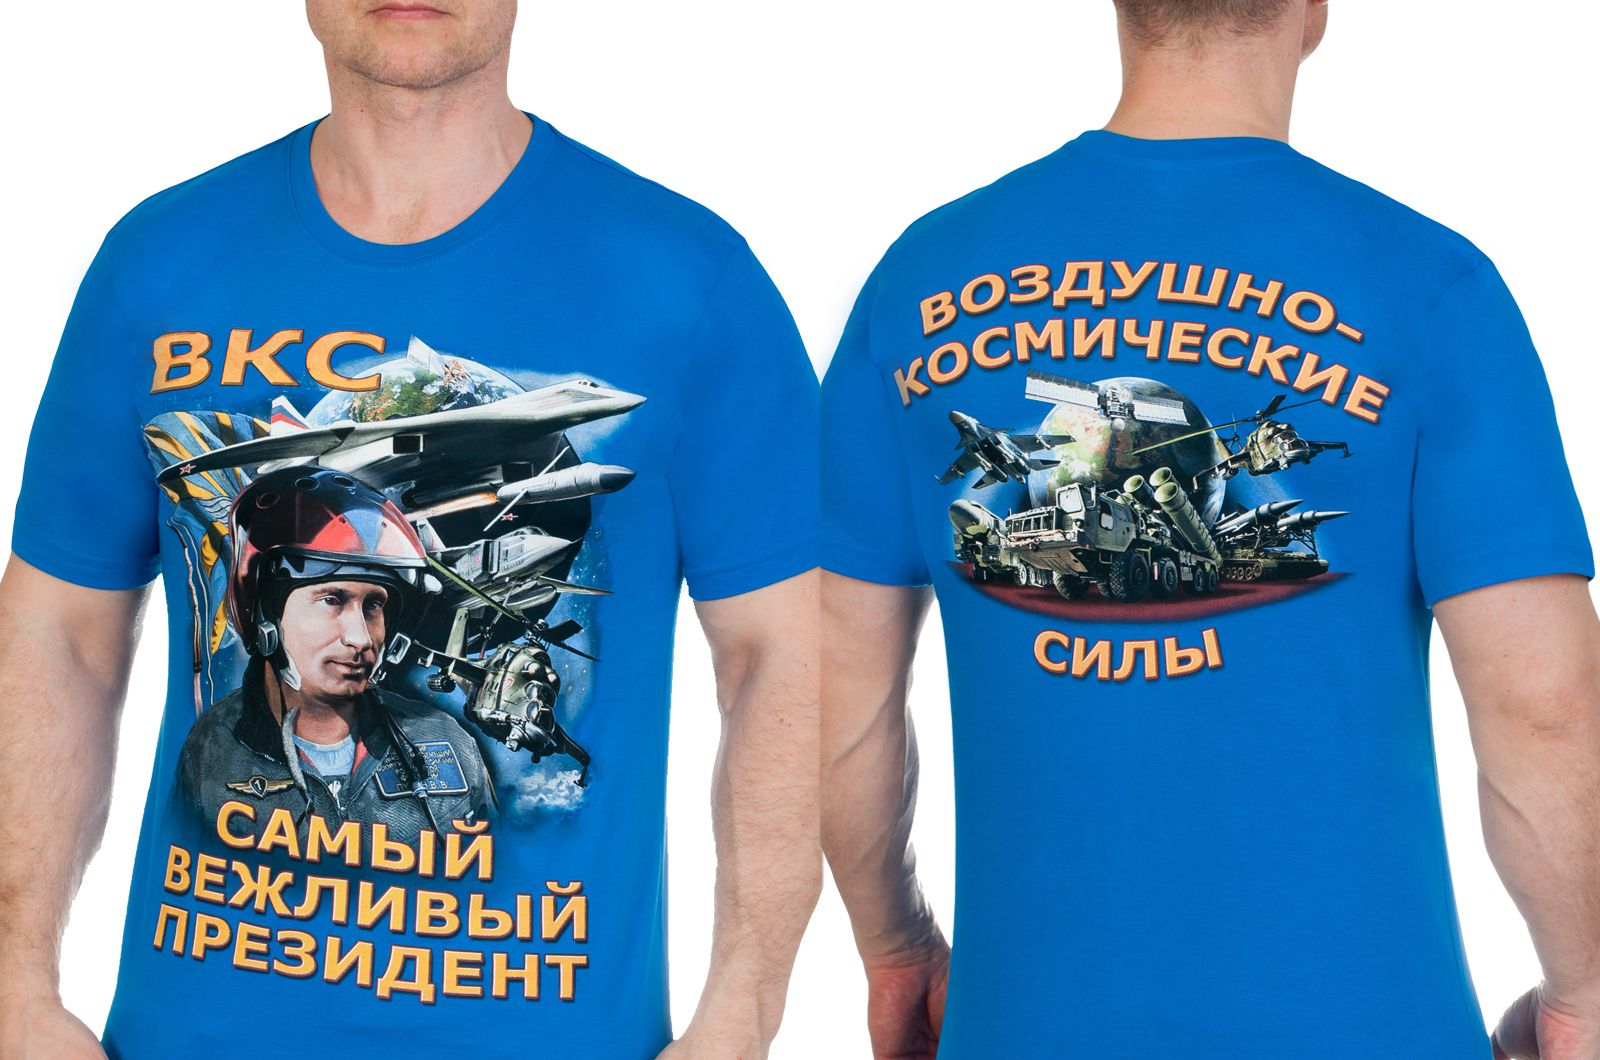 Заказать футболки Воздушно-космических сил